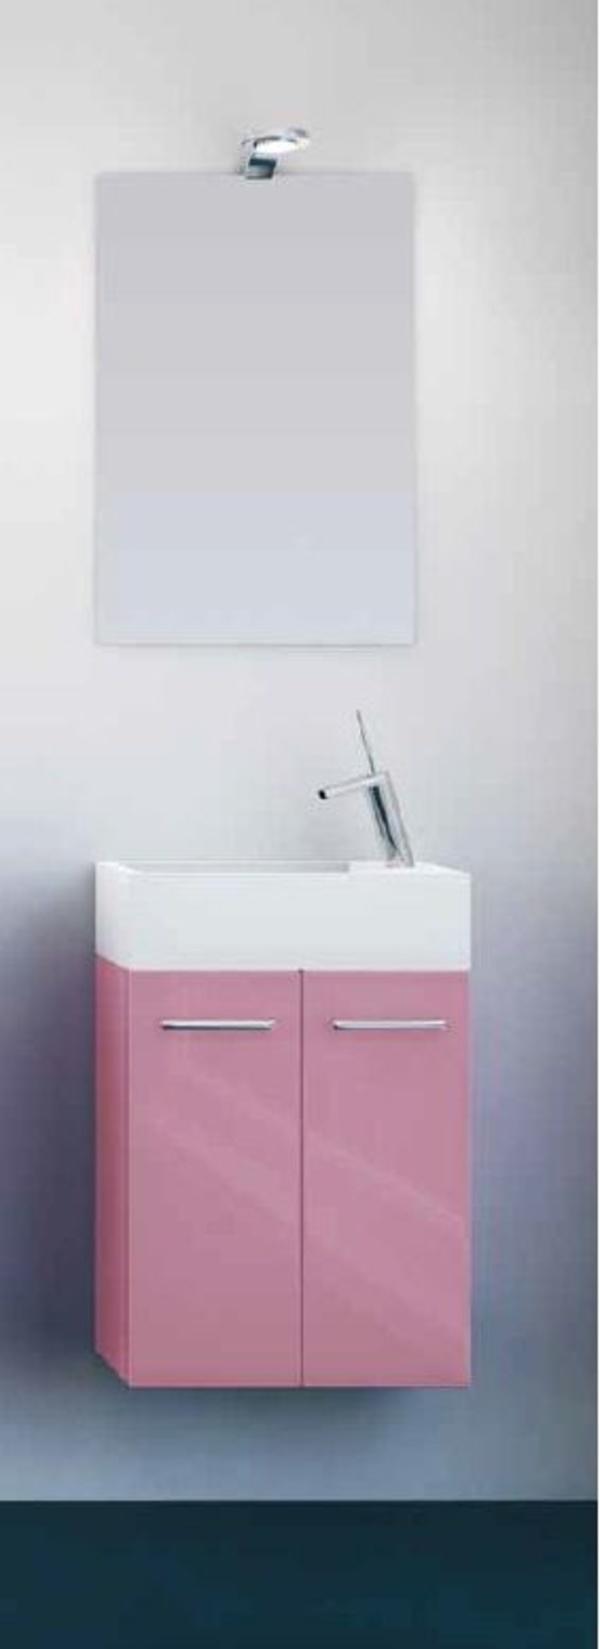 Mueble Pícola C26 de 2 puertas, laca rosa y tirador asa recta